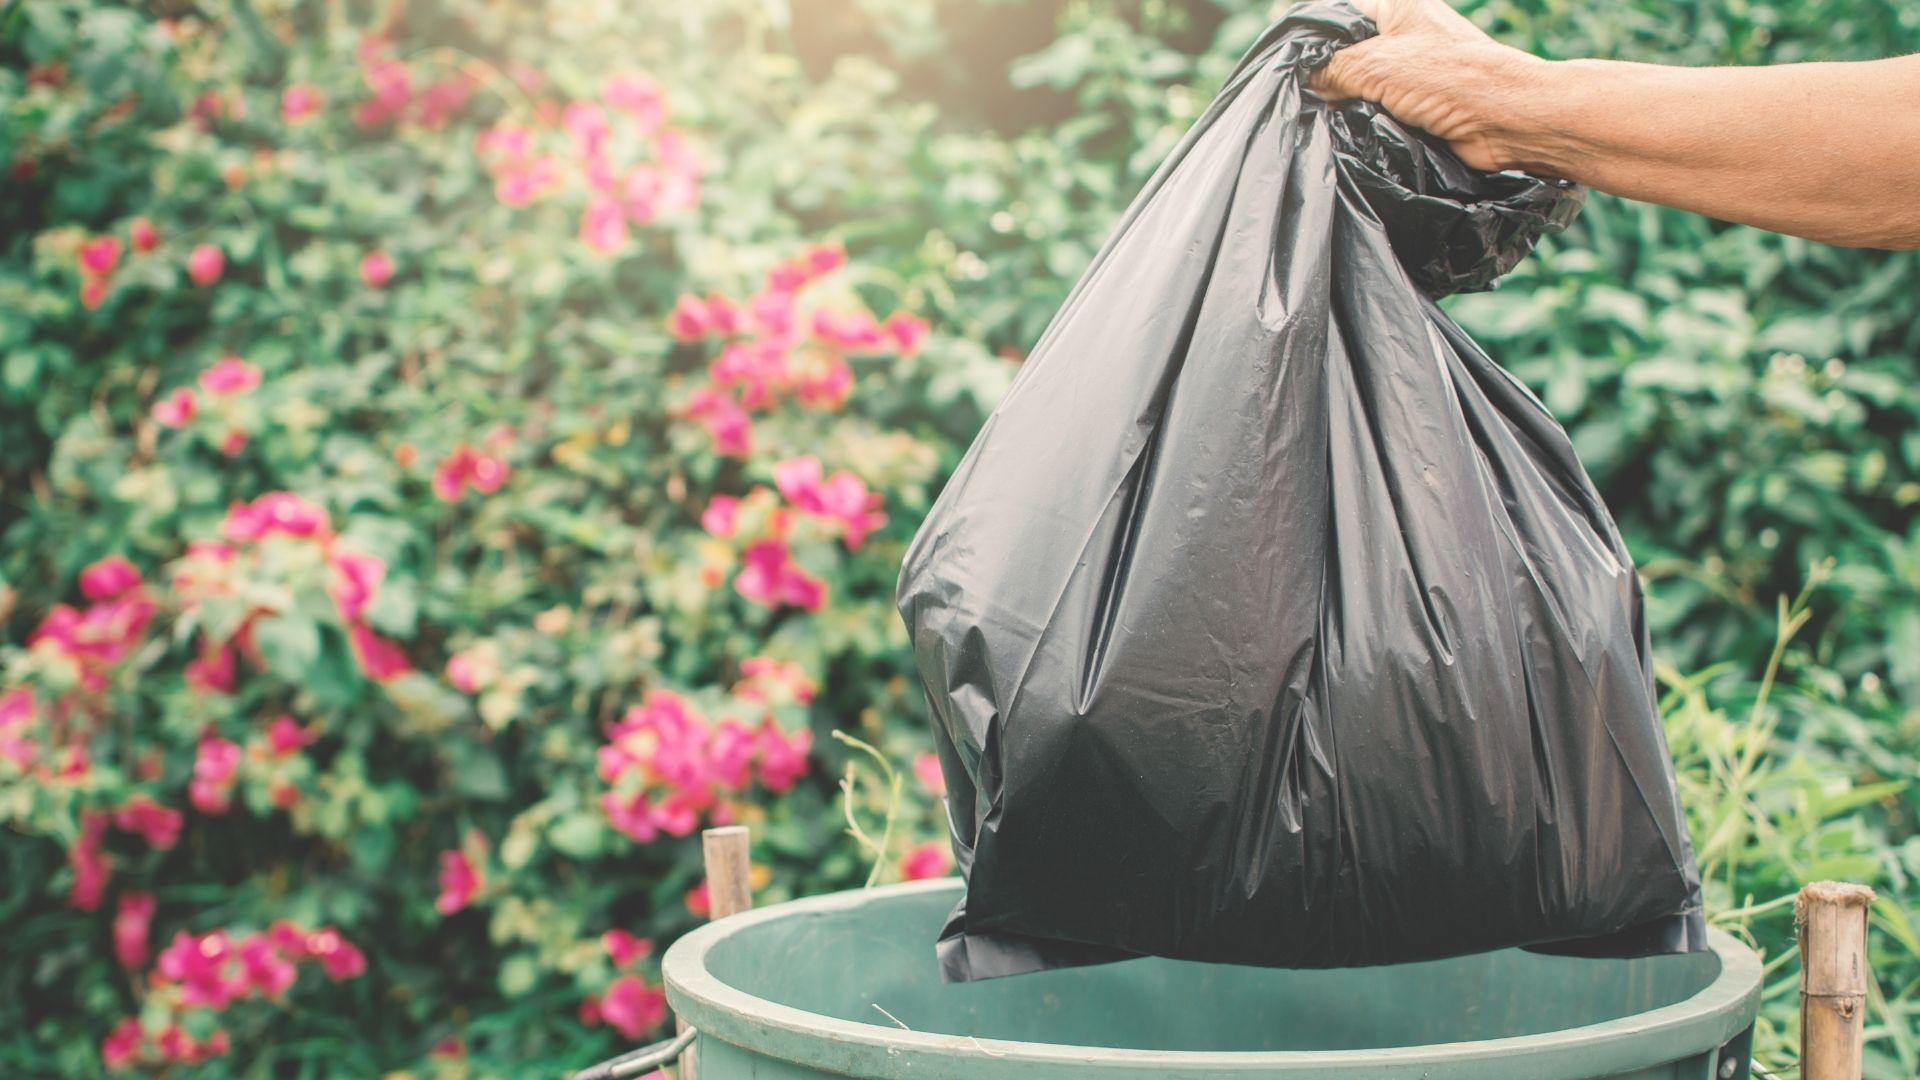 Une personne sort les poubelles.